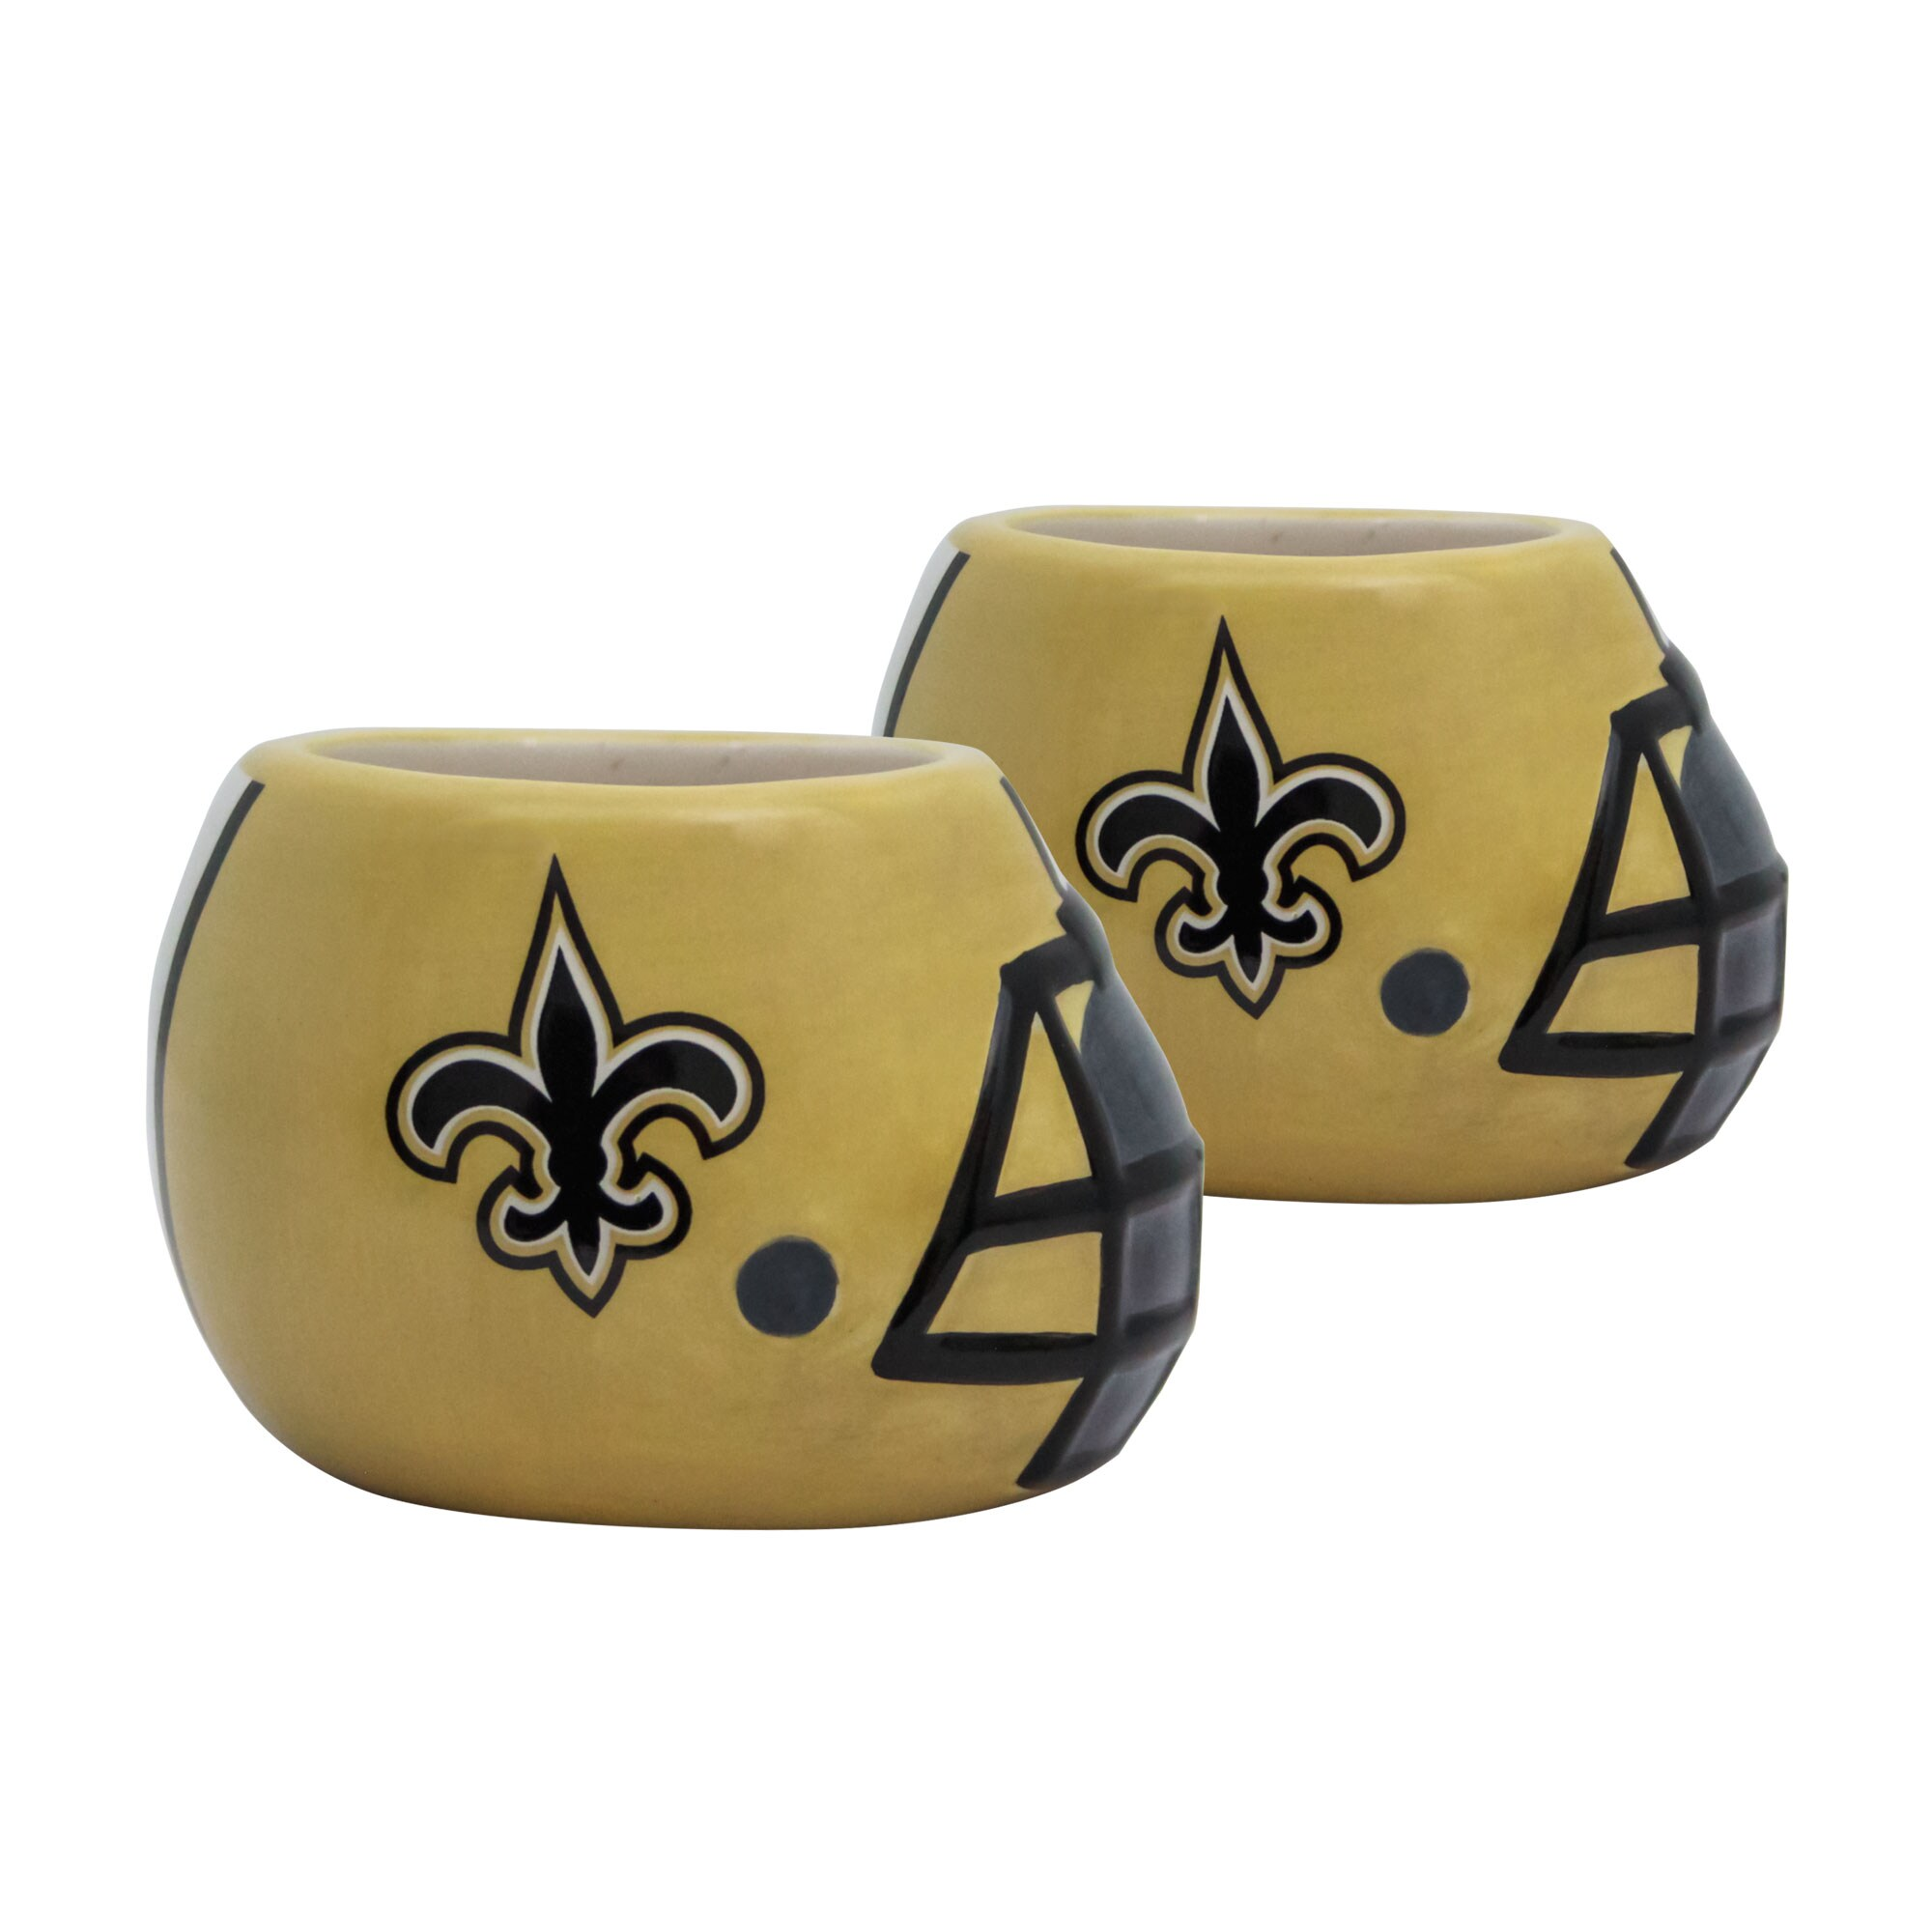 New Orleans Saints 2-Piece Ceramic Helmet Planter Set